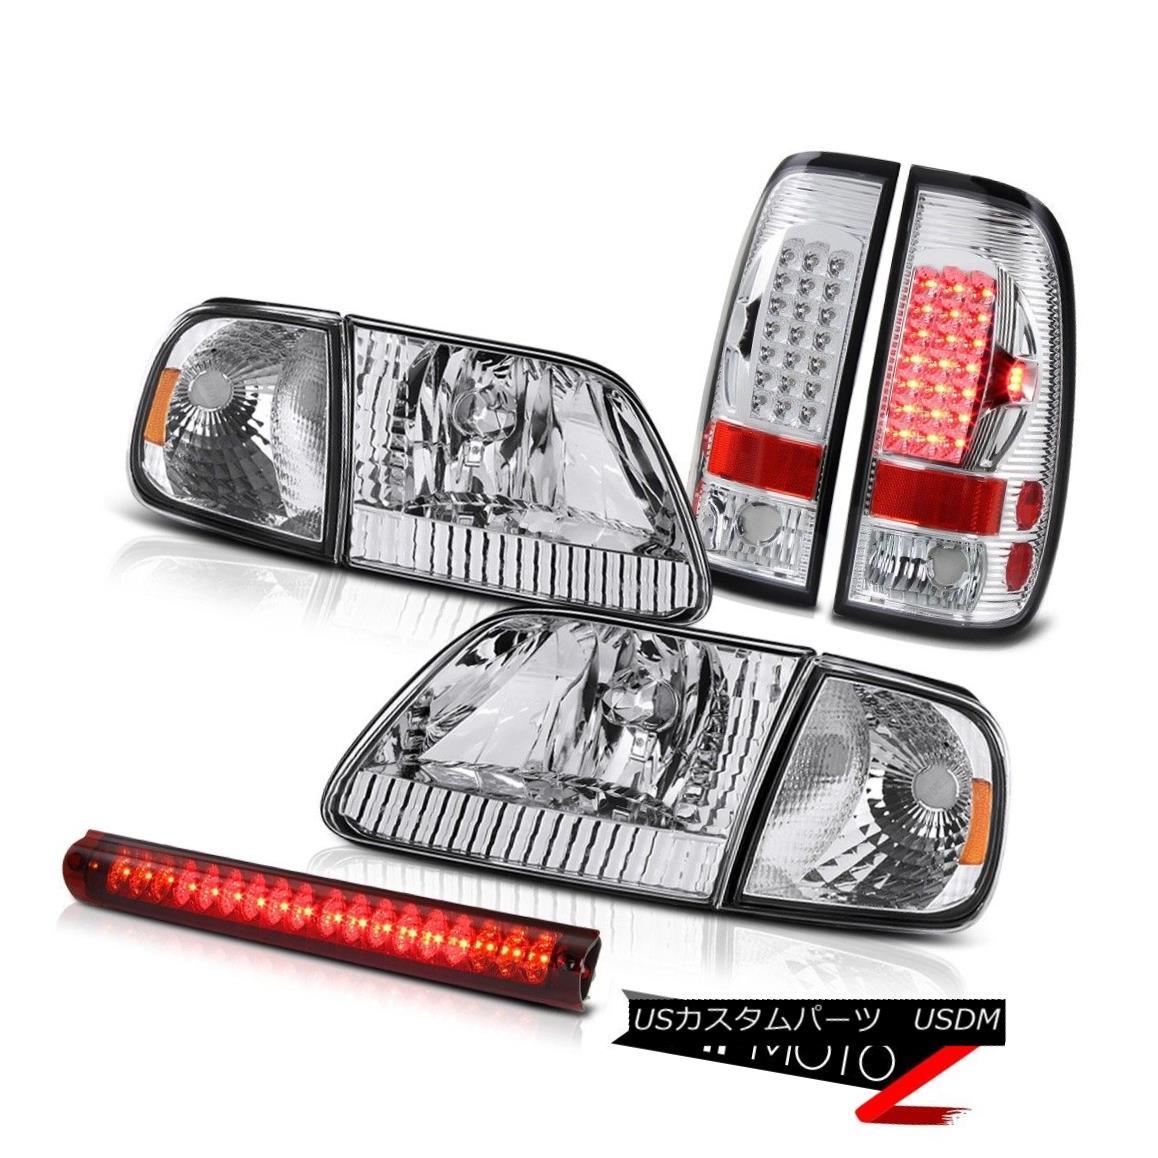 テールライト Factory Style Headlights Euro Parking LED Taillights Third Brake 97-03 Ford F150 ファクトリースタイルのヘッドライトユーロパーキングLEDテールライト3速ブレーキ97-03 Ford F150